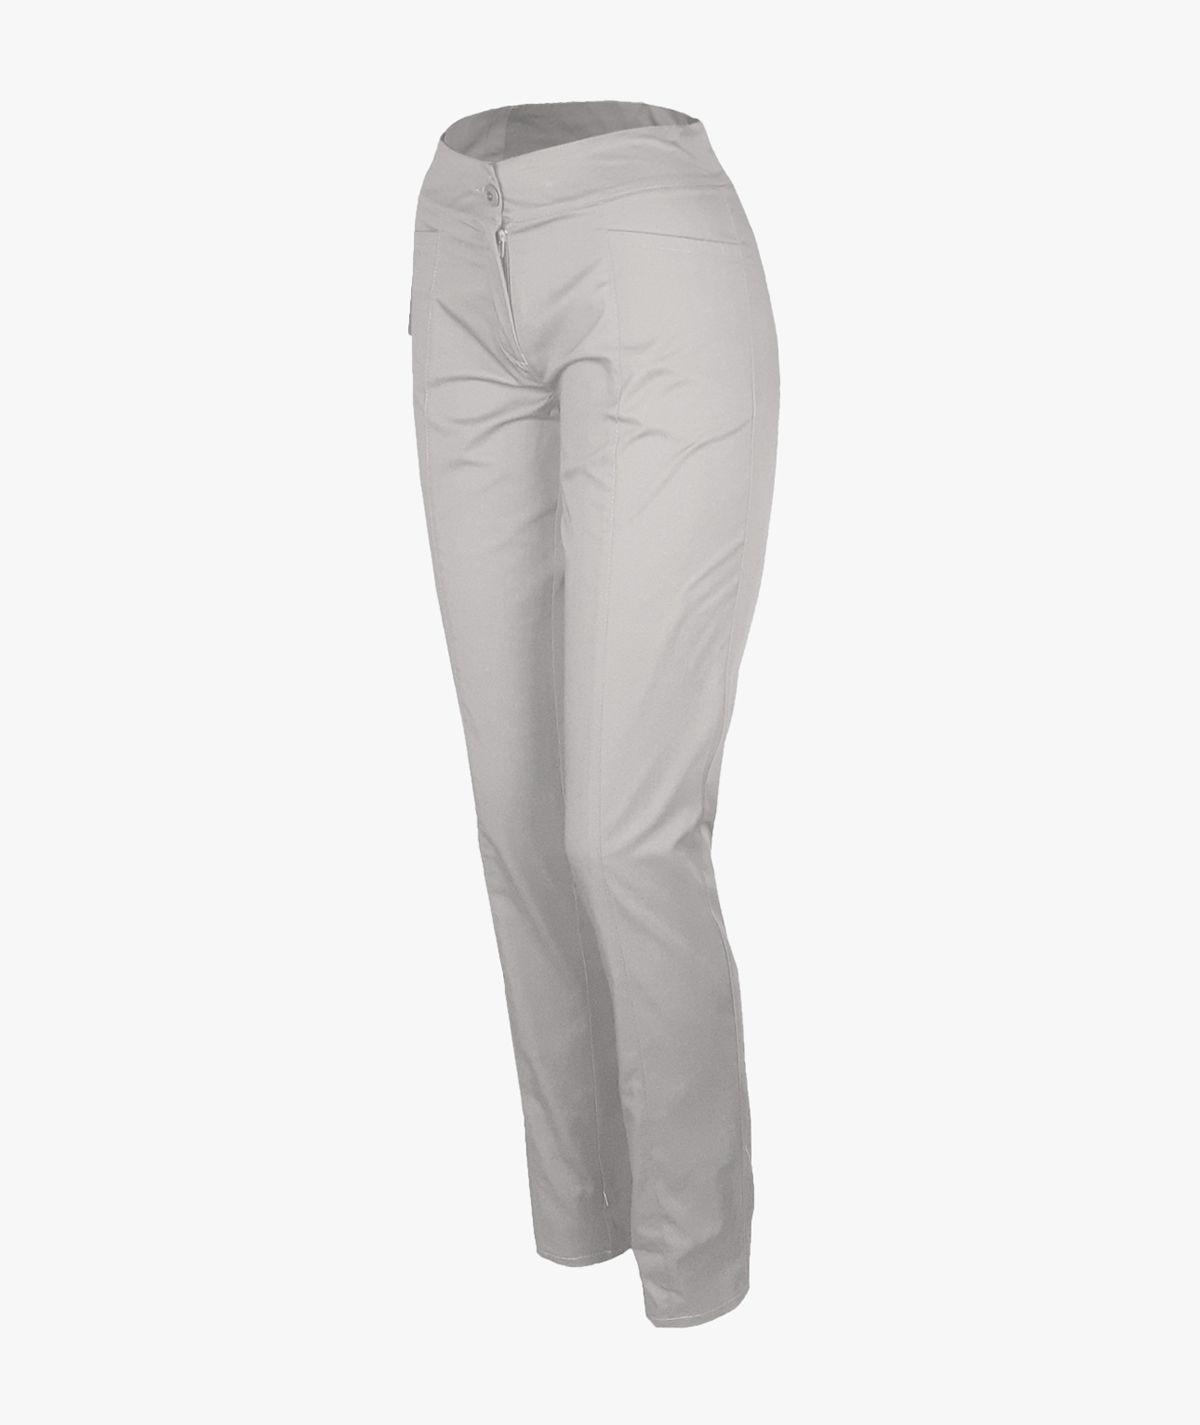 Popielate spodnie rurki medyczne damskie